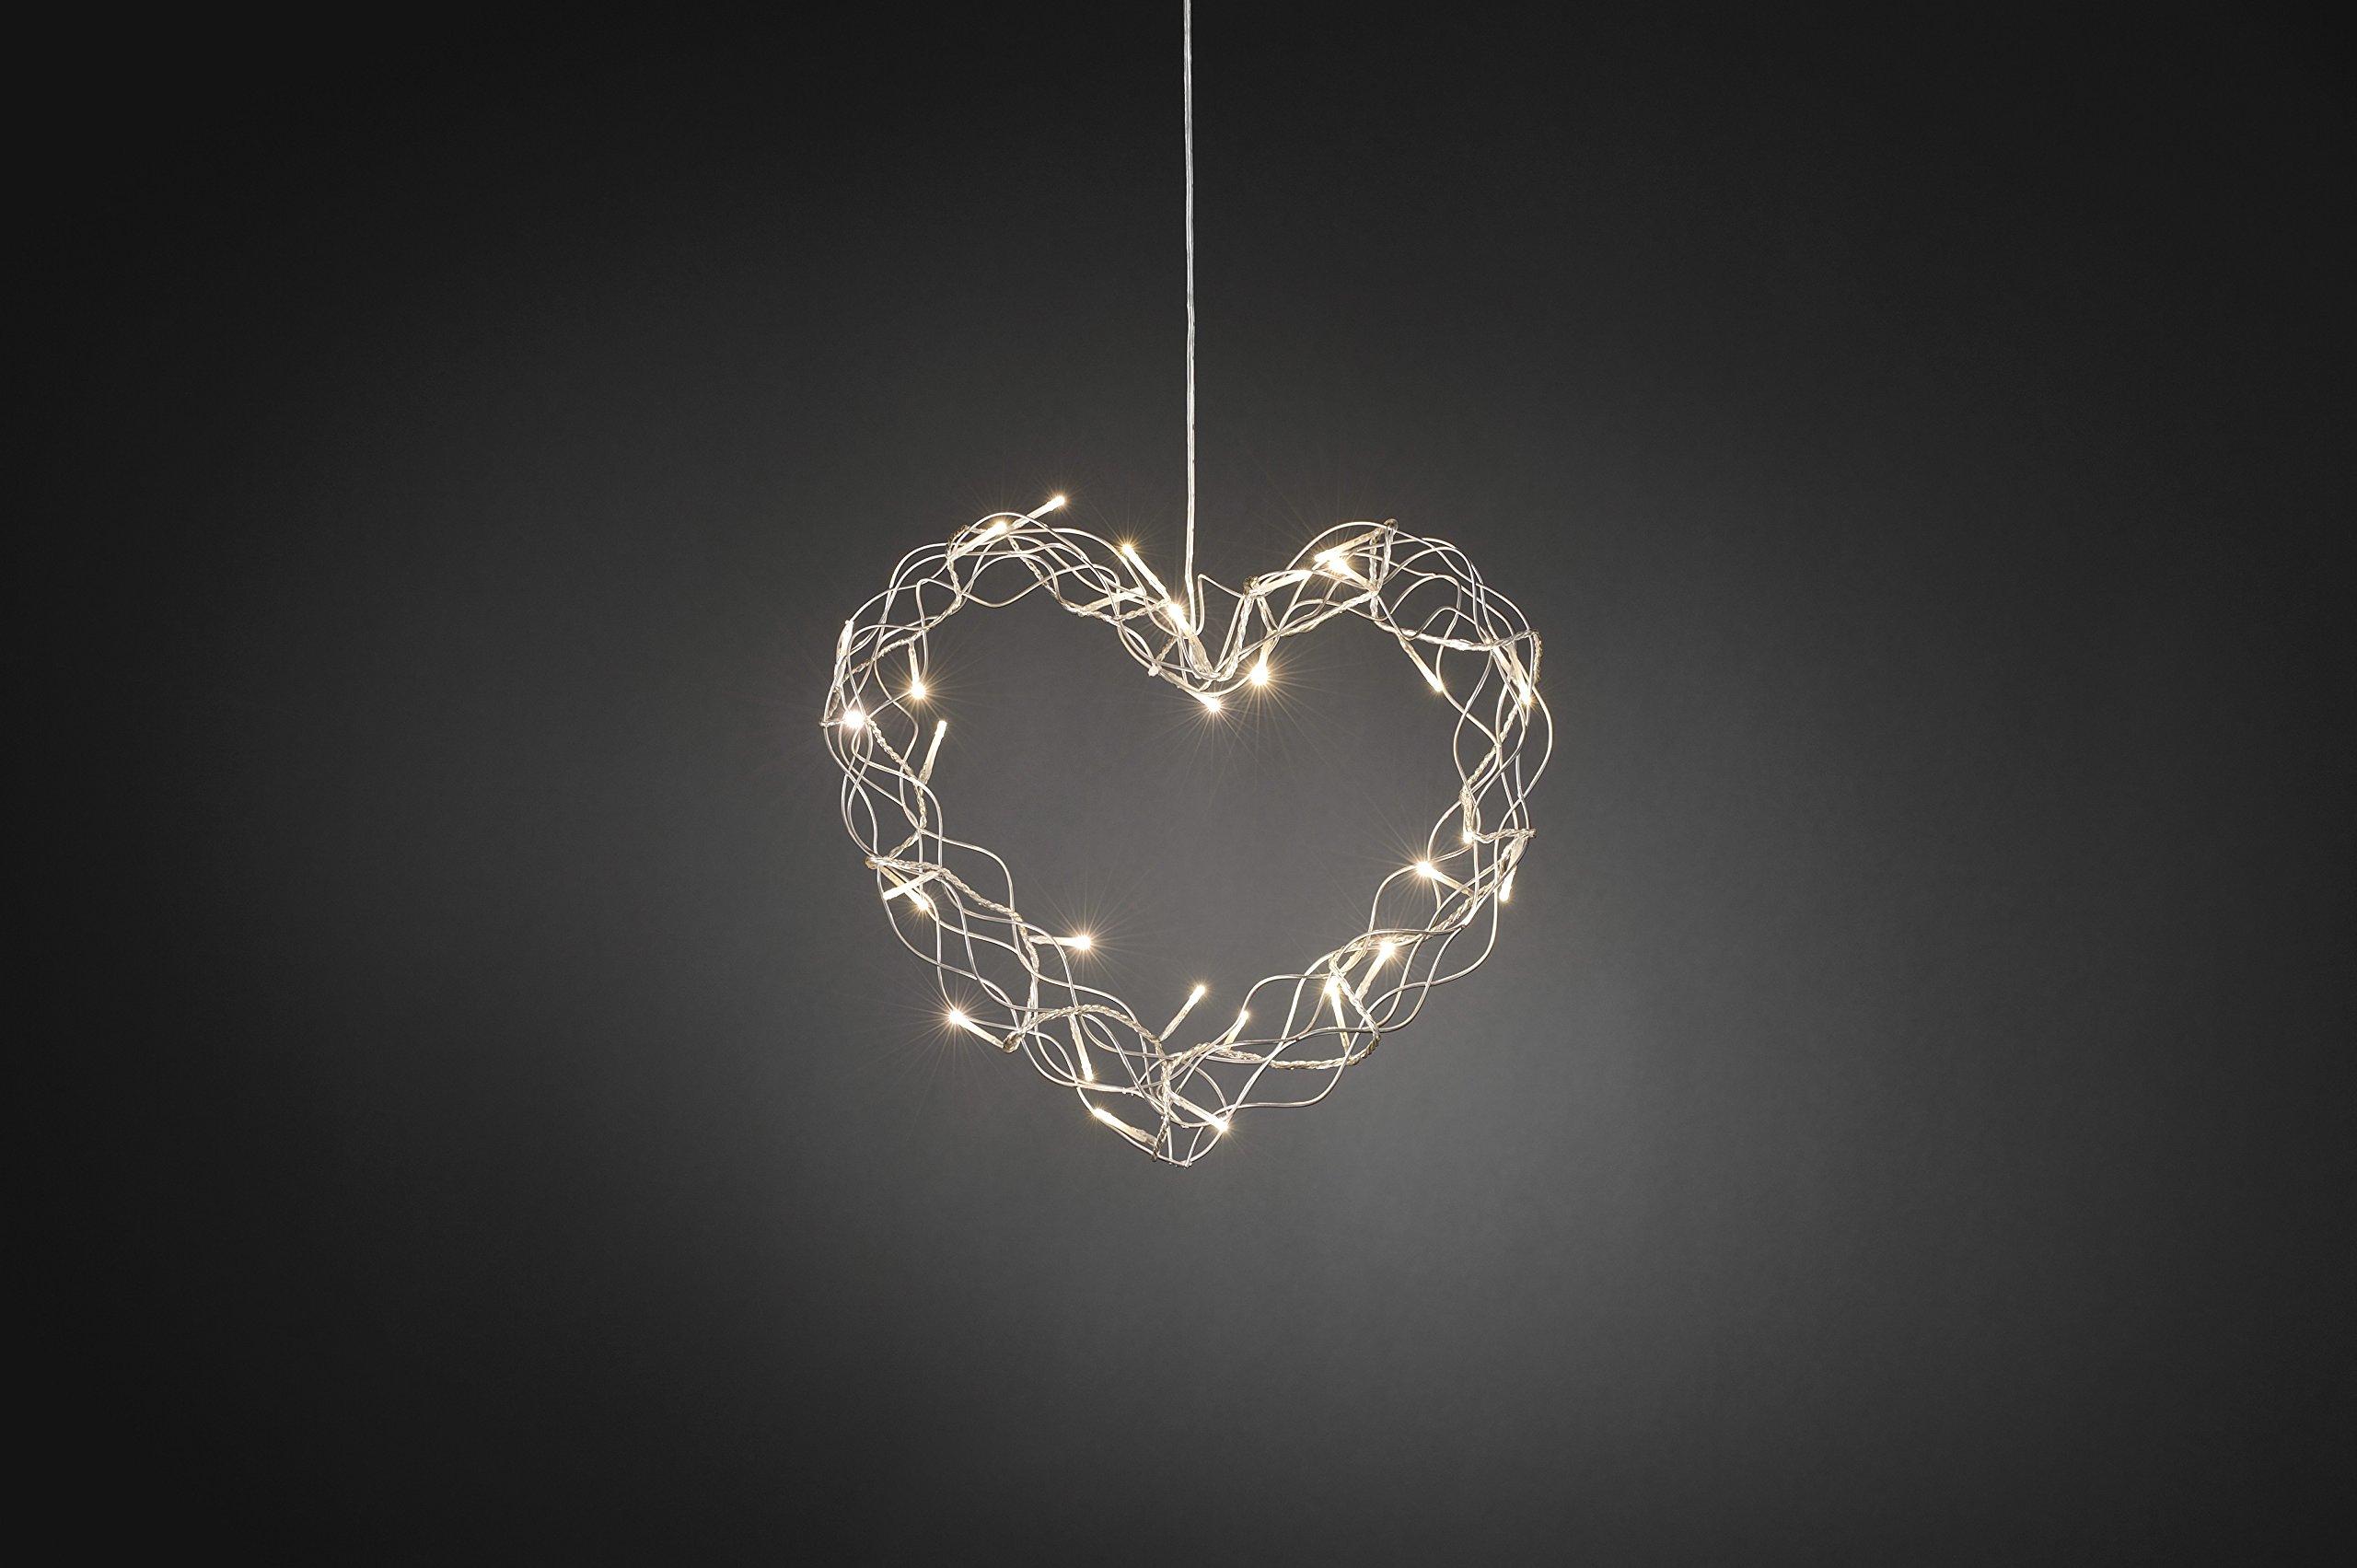 Drahtsilhouetten-Herz